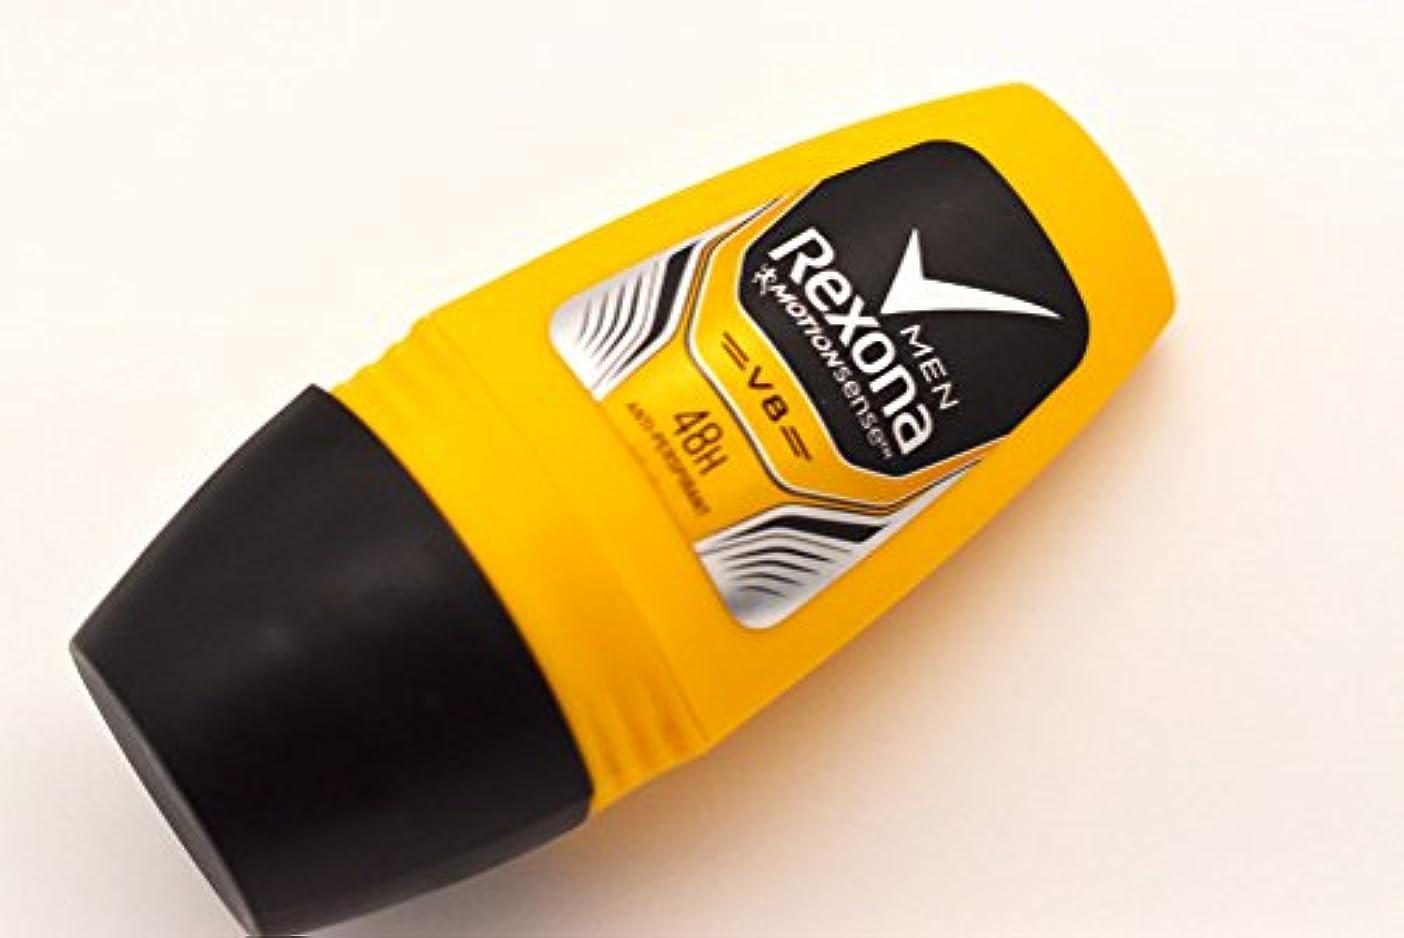 市の花憲法することになっているRexona MEN レクソーナ レクソナ 制汗剤 デオドラント ロールオン 48時間持続 V8 ブイエイト 50ml 並行輸入品 Unilever ユニリーバ